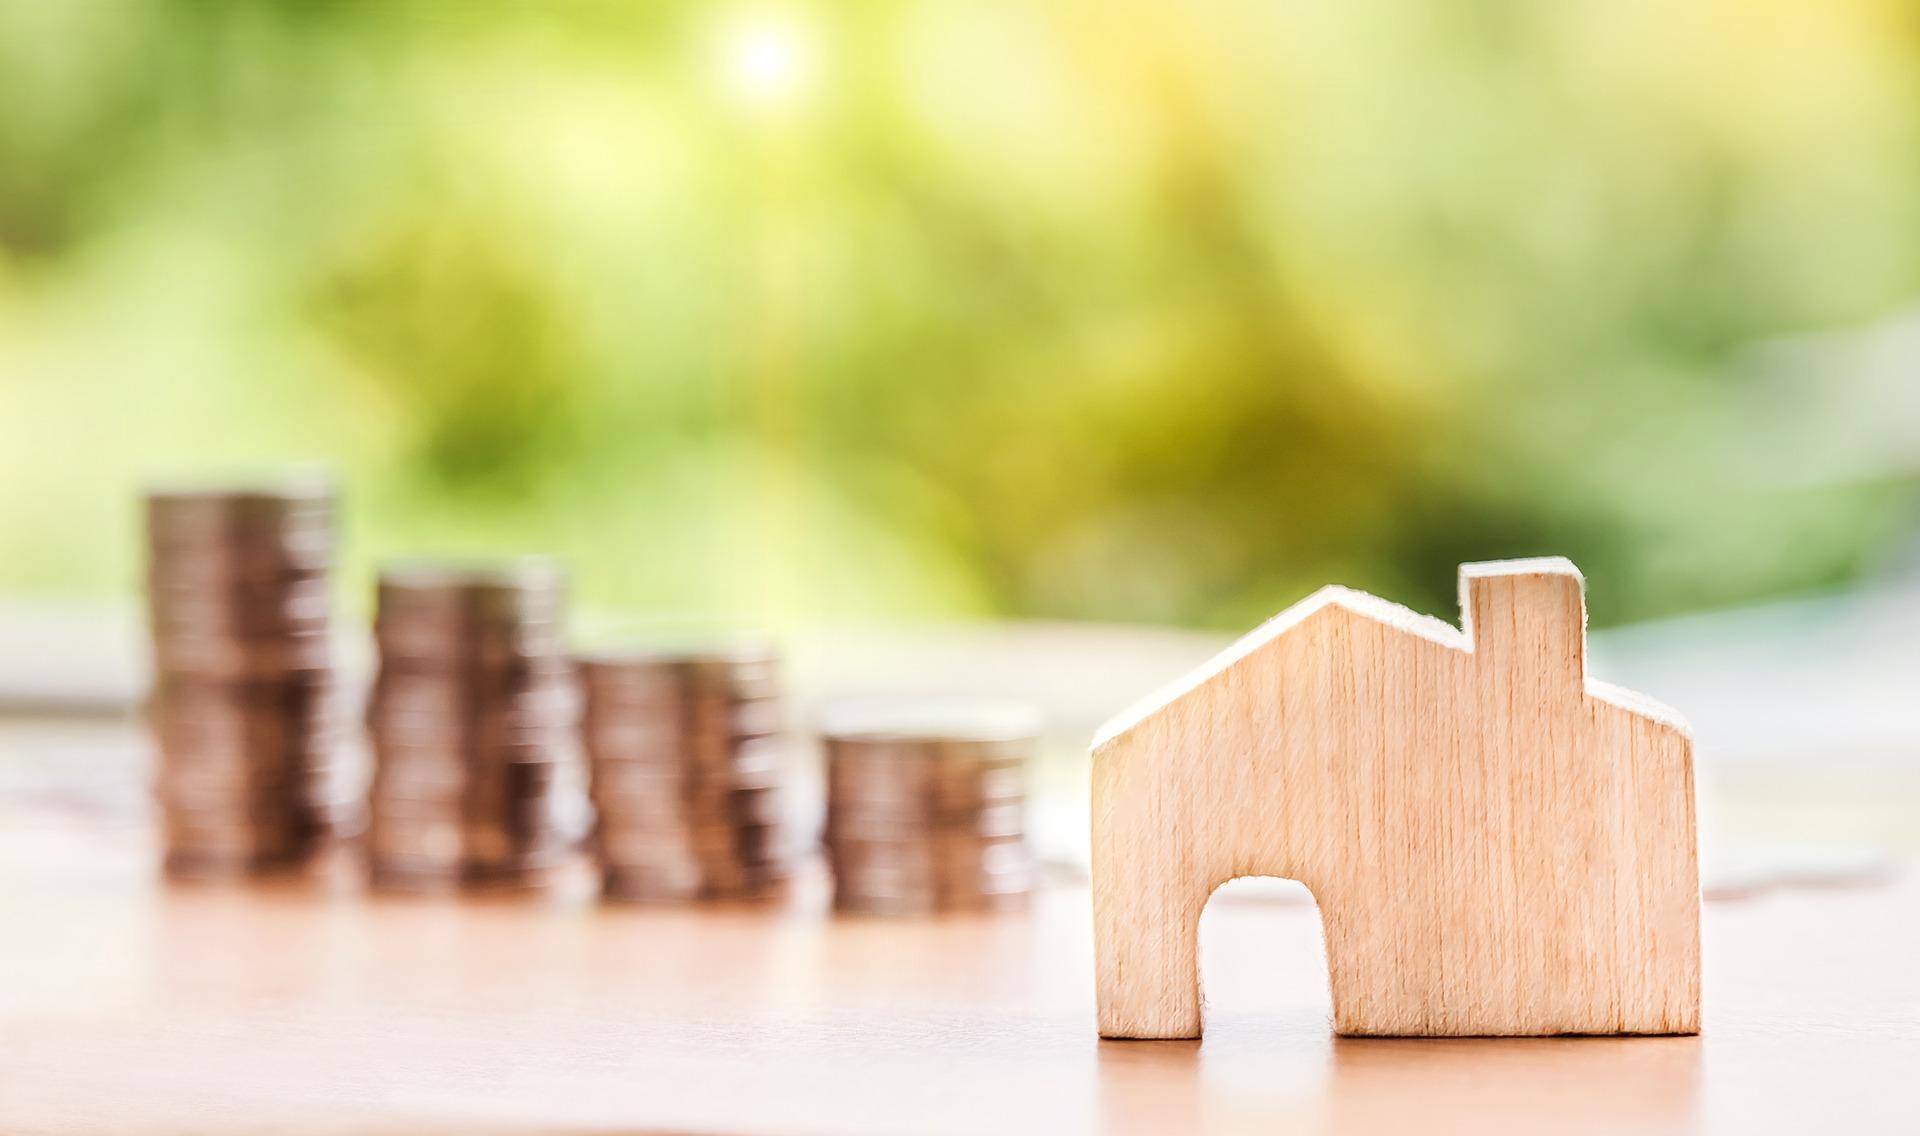 pret immobilier sans apport